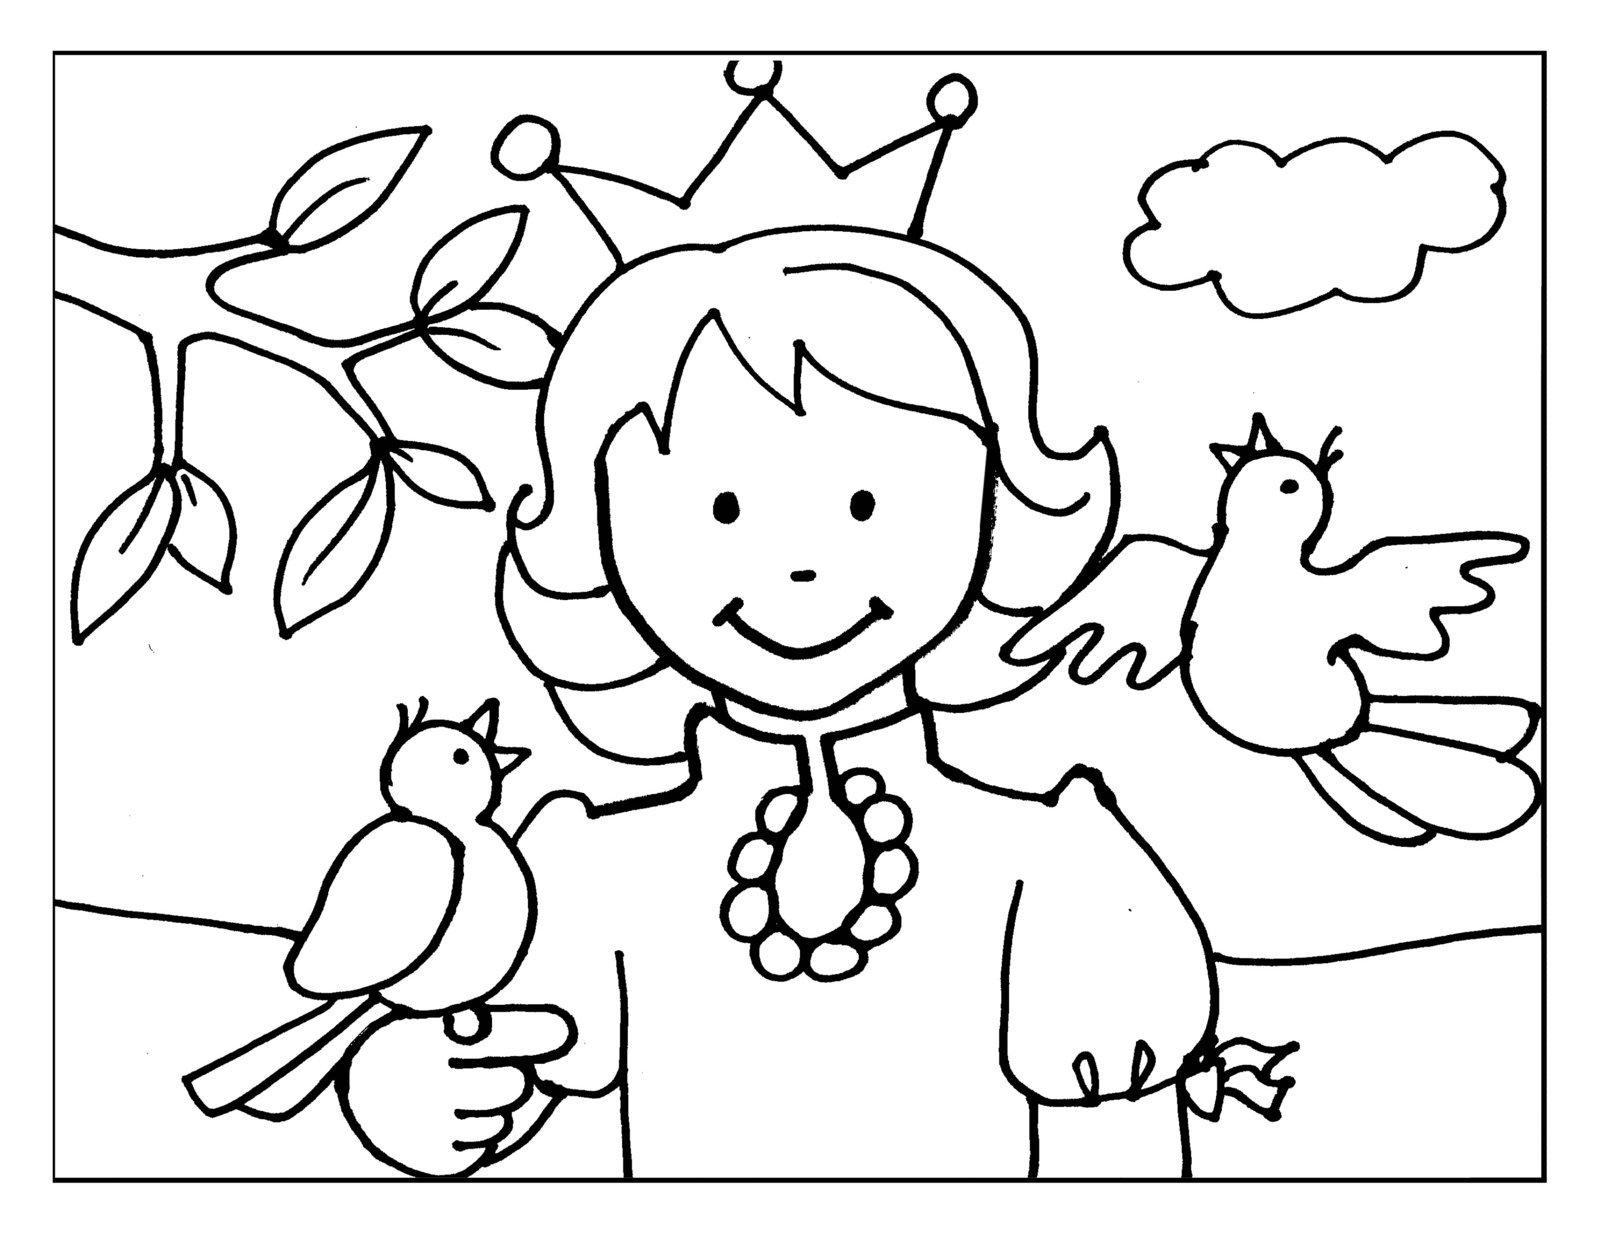 Dibujos Para Colorear De Las Princesas Disney: Las Princesas Para Colorear: Princesas Bebes Para Pintar